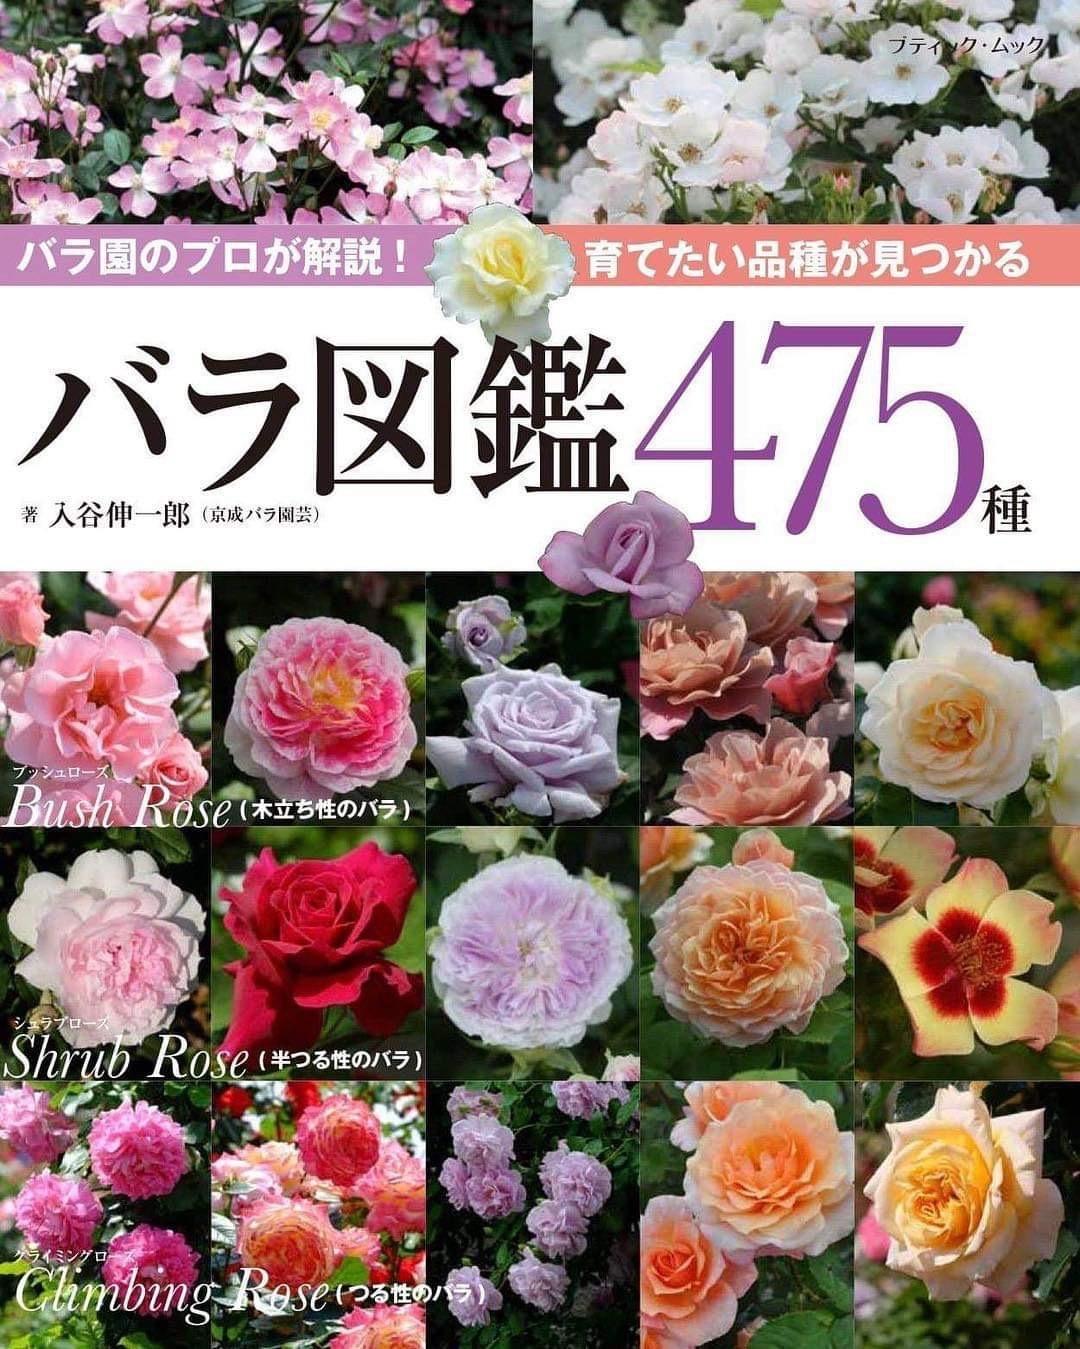 入谷さん、渾身の薔薇本、4月30日発売です_b0137969_05220847.jpeg